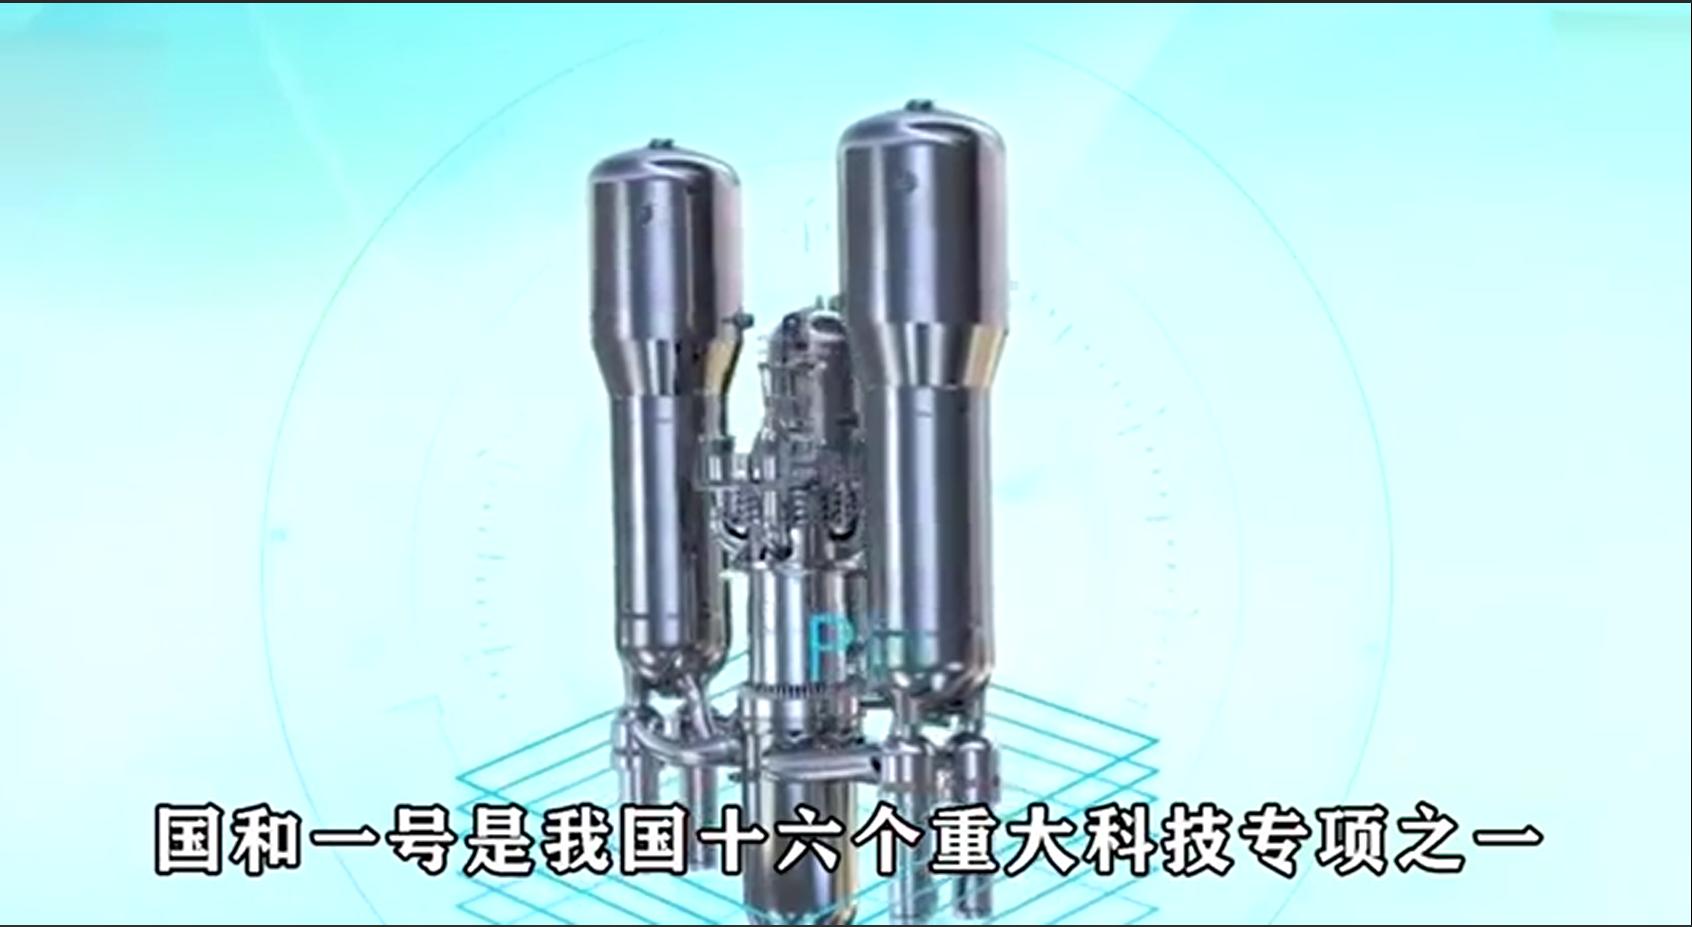 大国重器!国际领先!中国又一核反应堆面世,安全性提升100倍,远超华龙一号